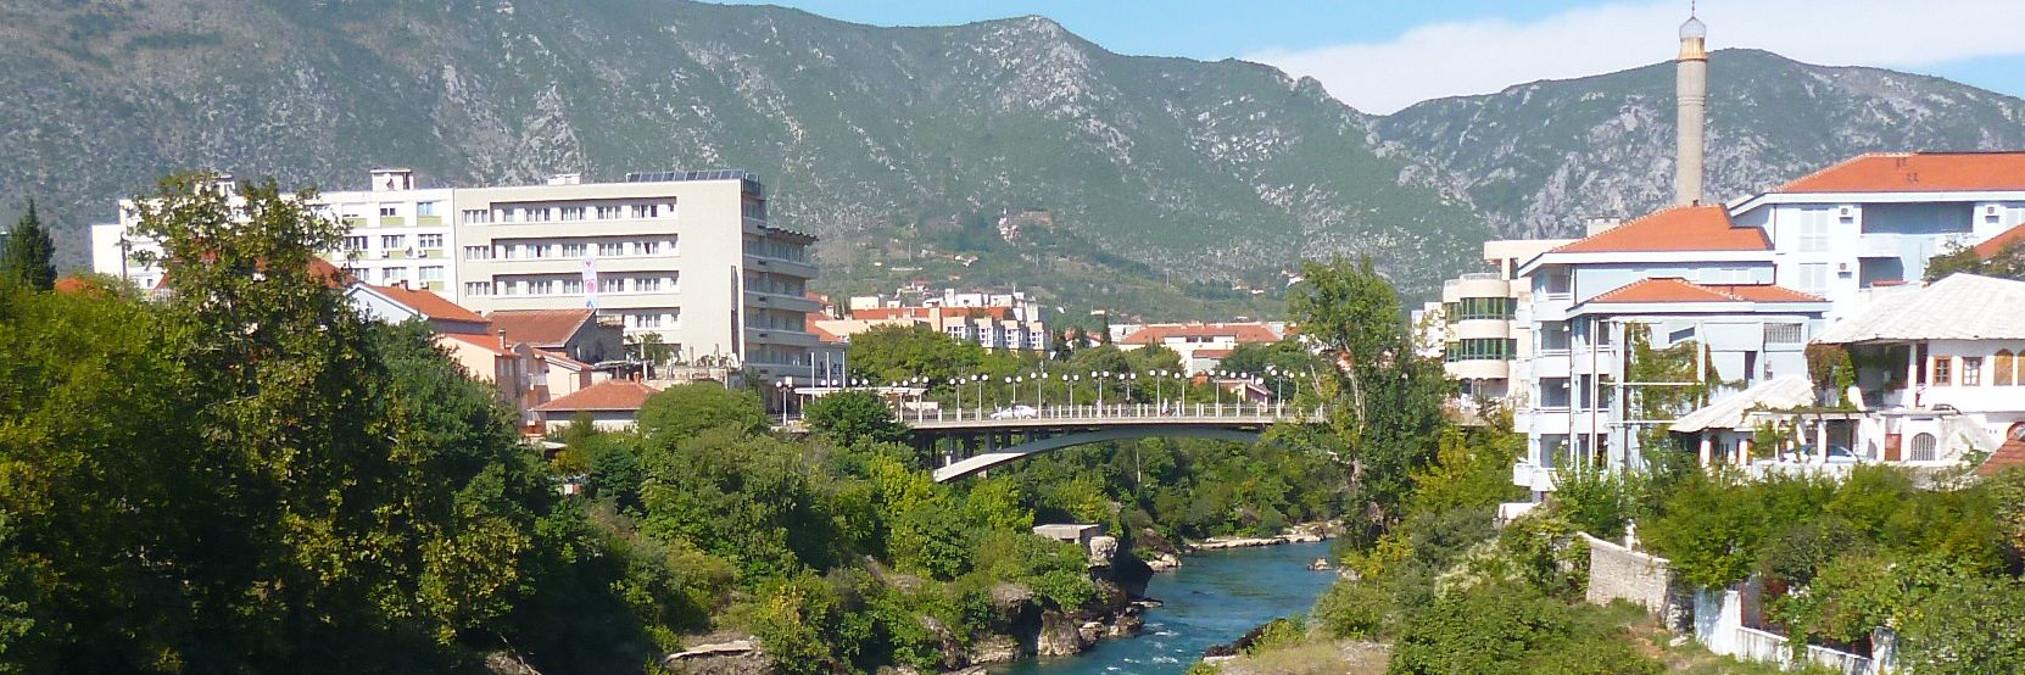 Титов мост